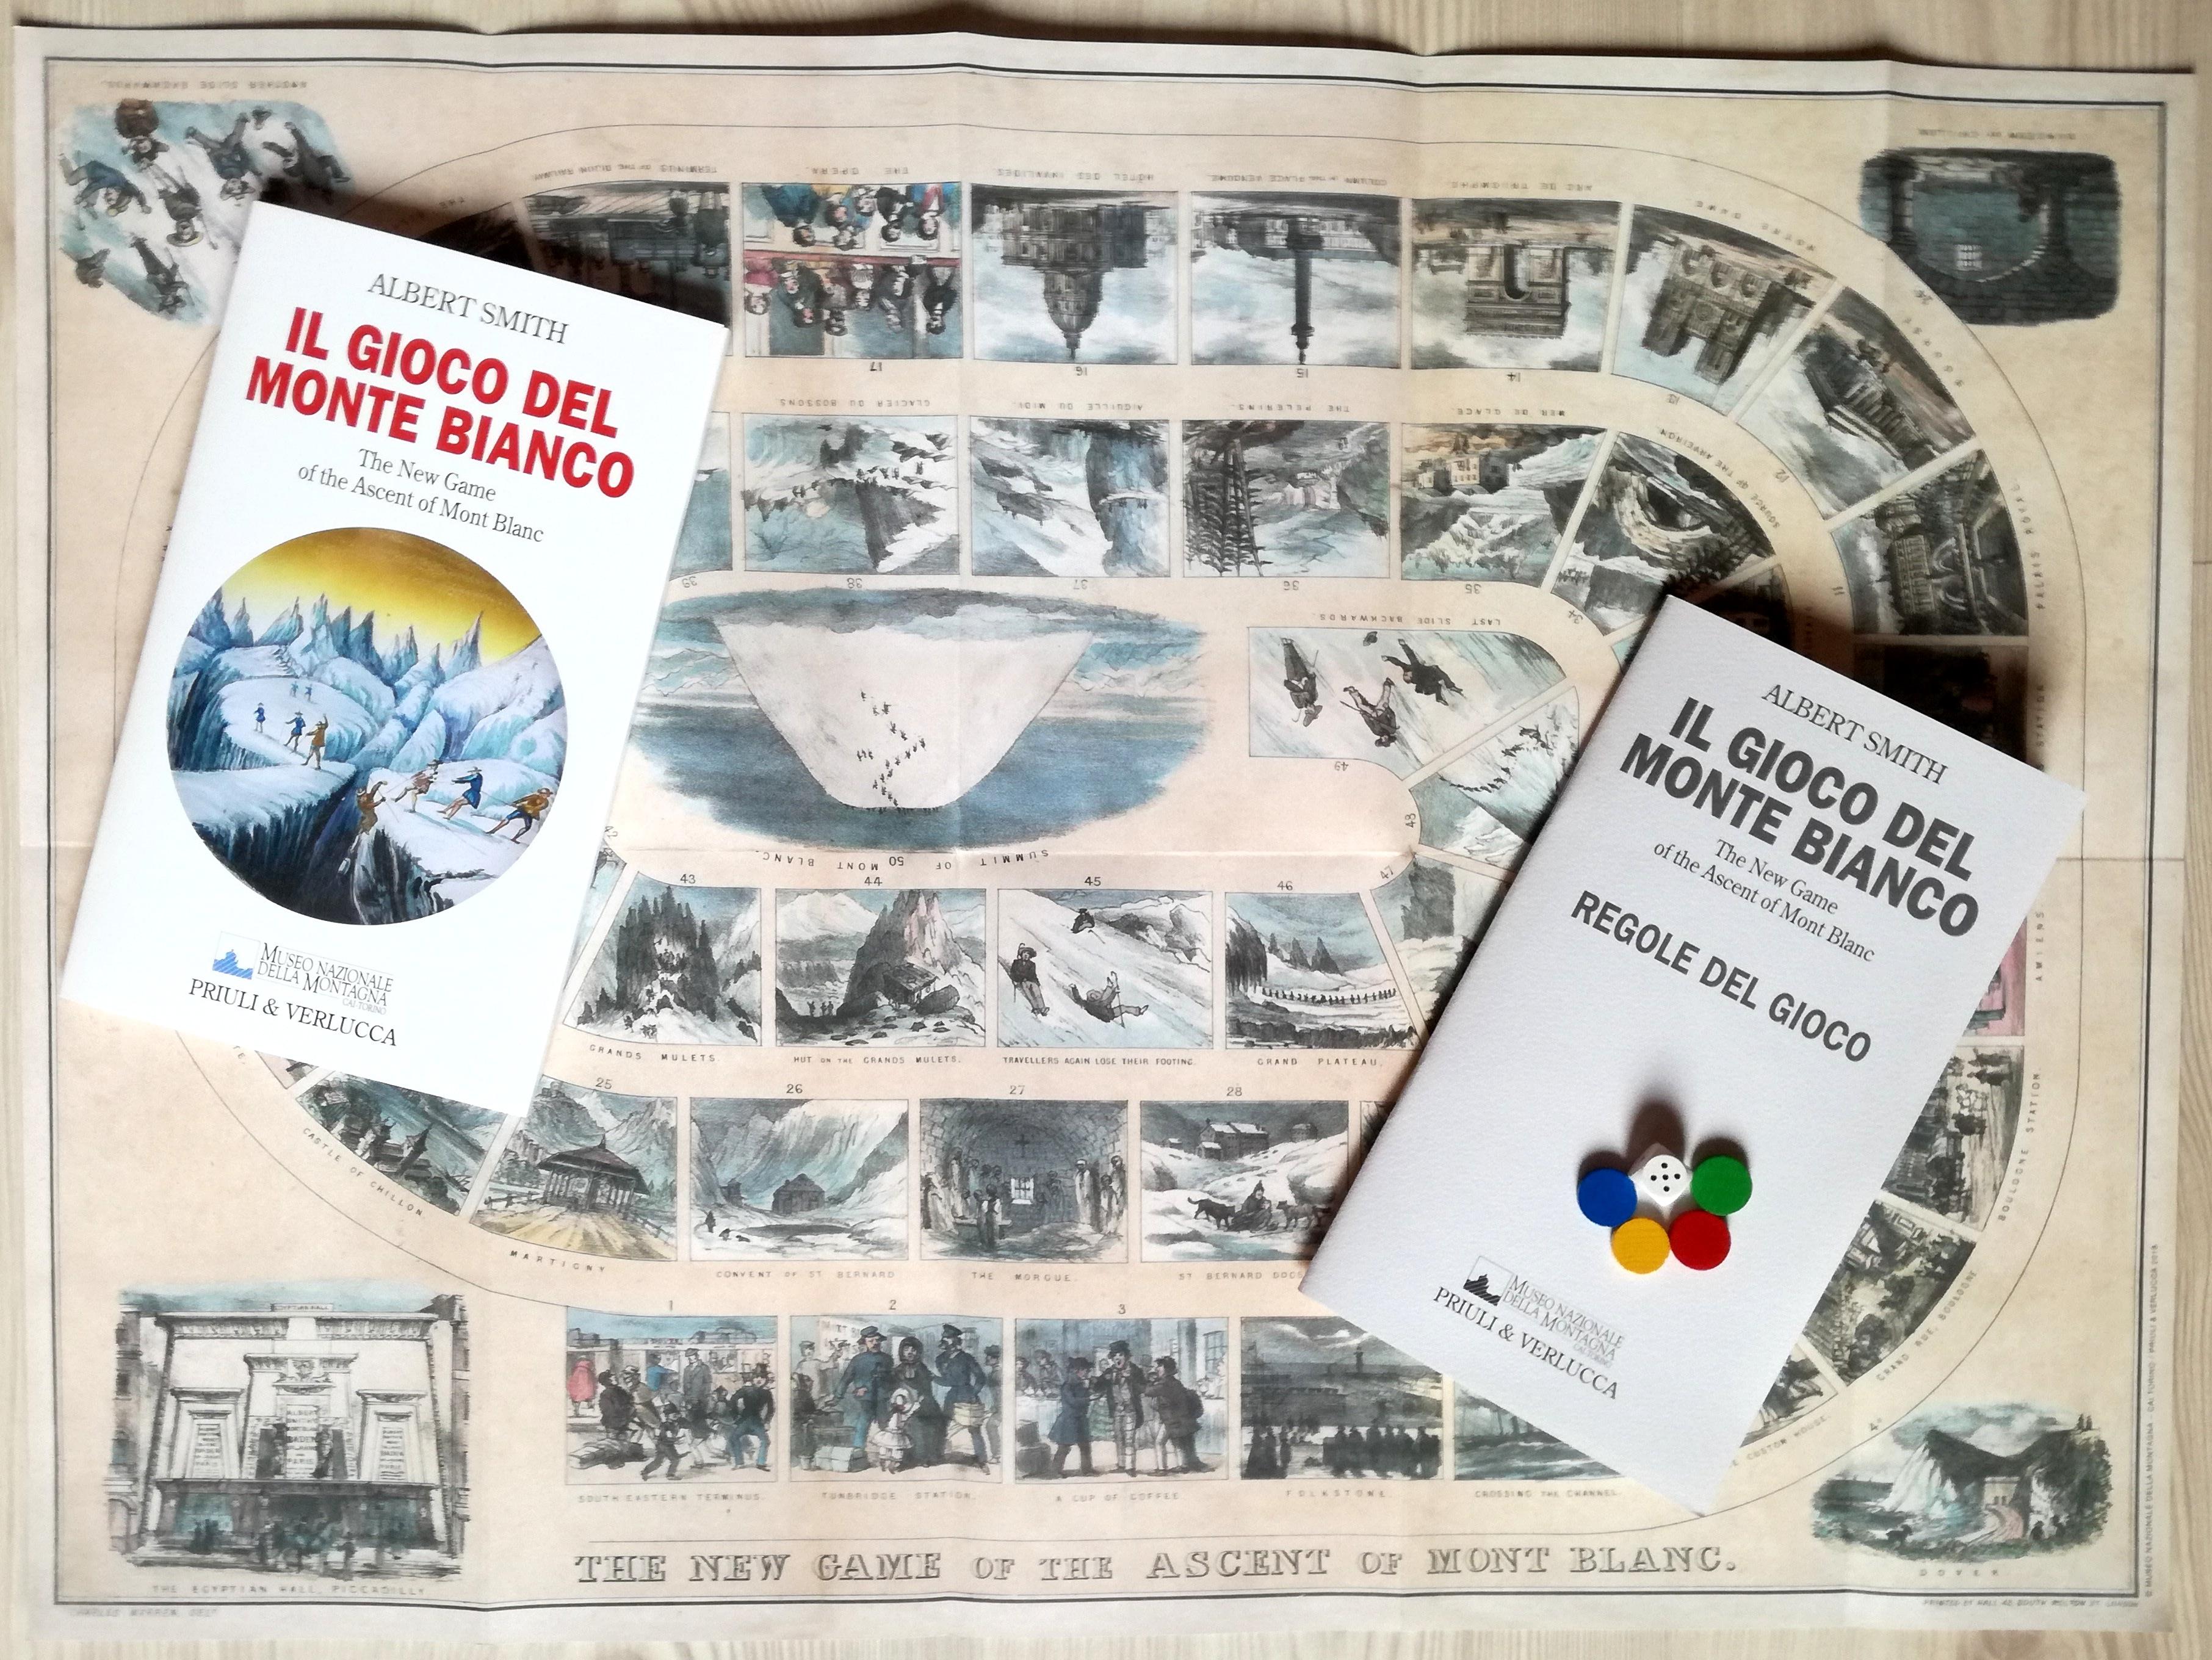 Museo Montagna, Albert Smith, Monte Bianco, gioco